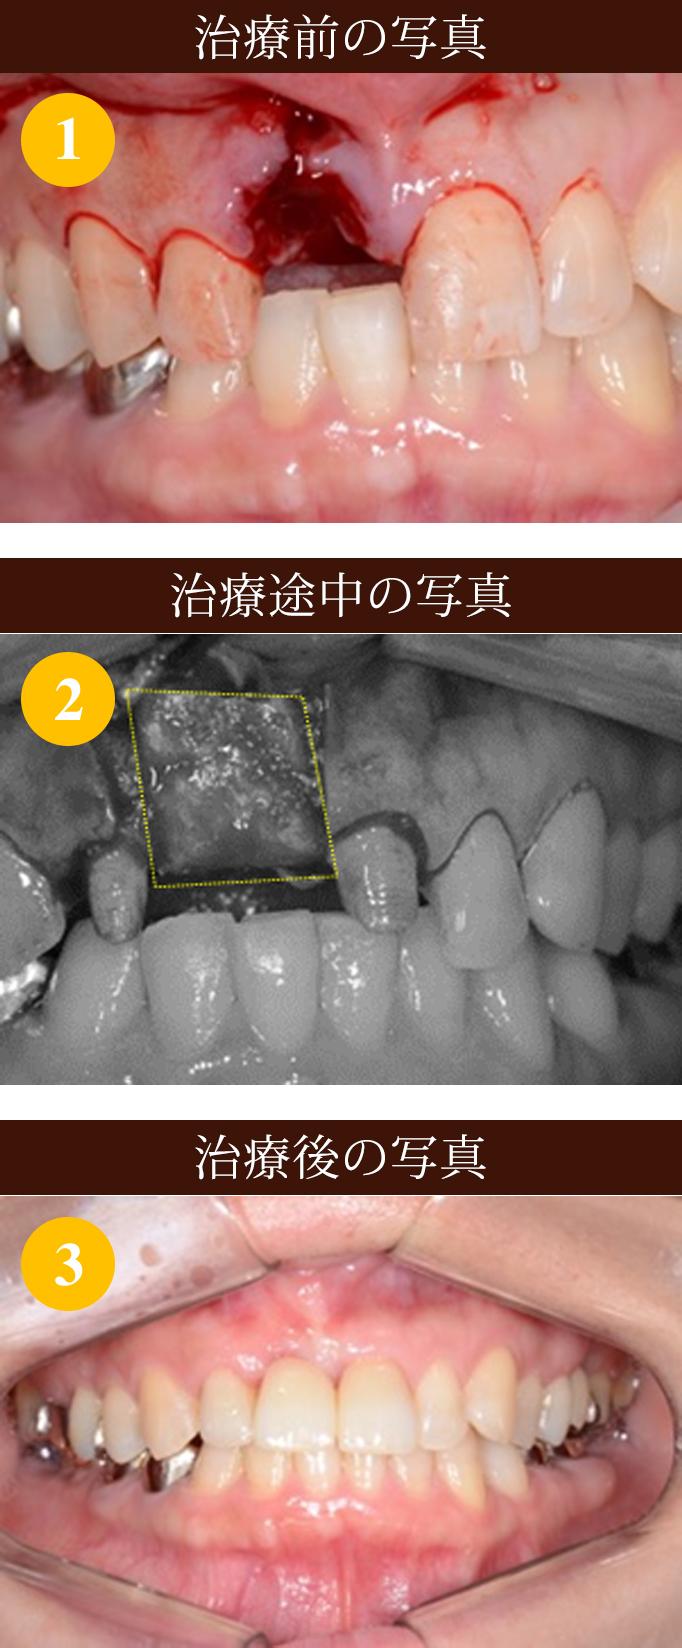 外科処置難症例 写真